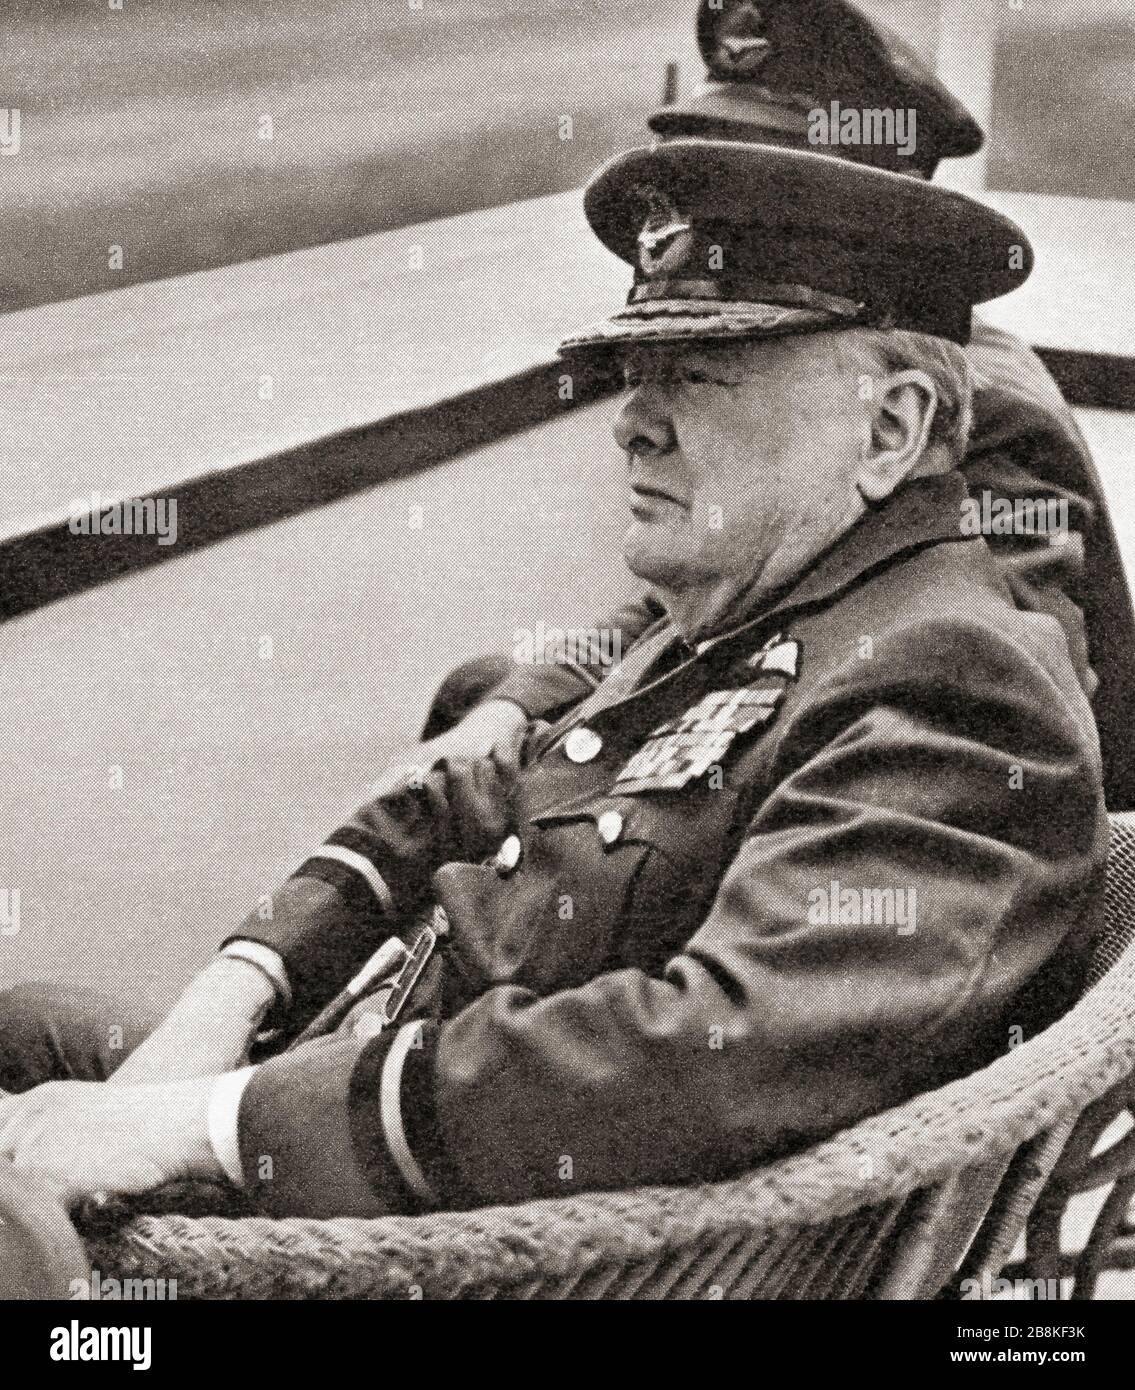 Winston Churchill, der hier die Uniform des Commodore des R.AUX trug. A.F., beobachtet eine Fly-Past von Meteor Jets in Biggin Hill, 1951. Sir Winston Leonards Spencer-Churchill, * Zwischen 1874 Und 1965. Britischer Politiker, Armeeoffizier, Schriftsteller und zweimal Premierminister des Vereinigten Königreichs. Stockfoto